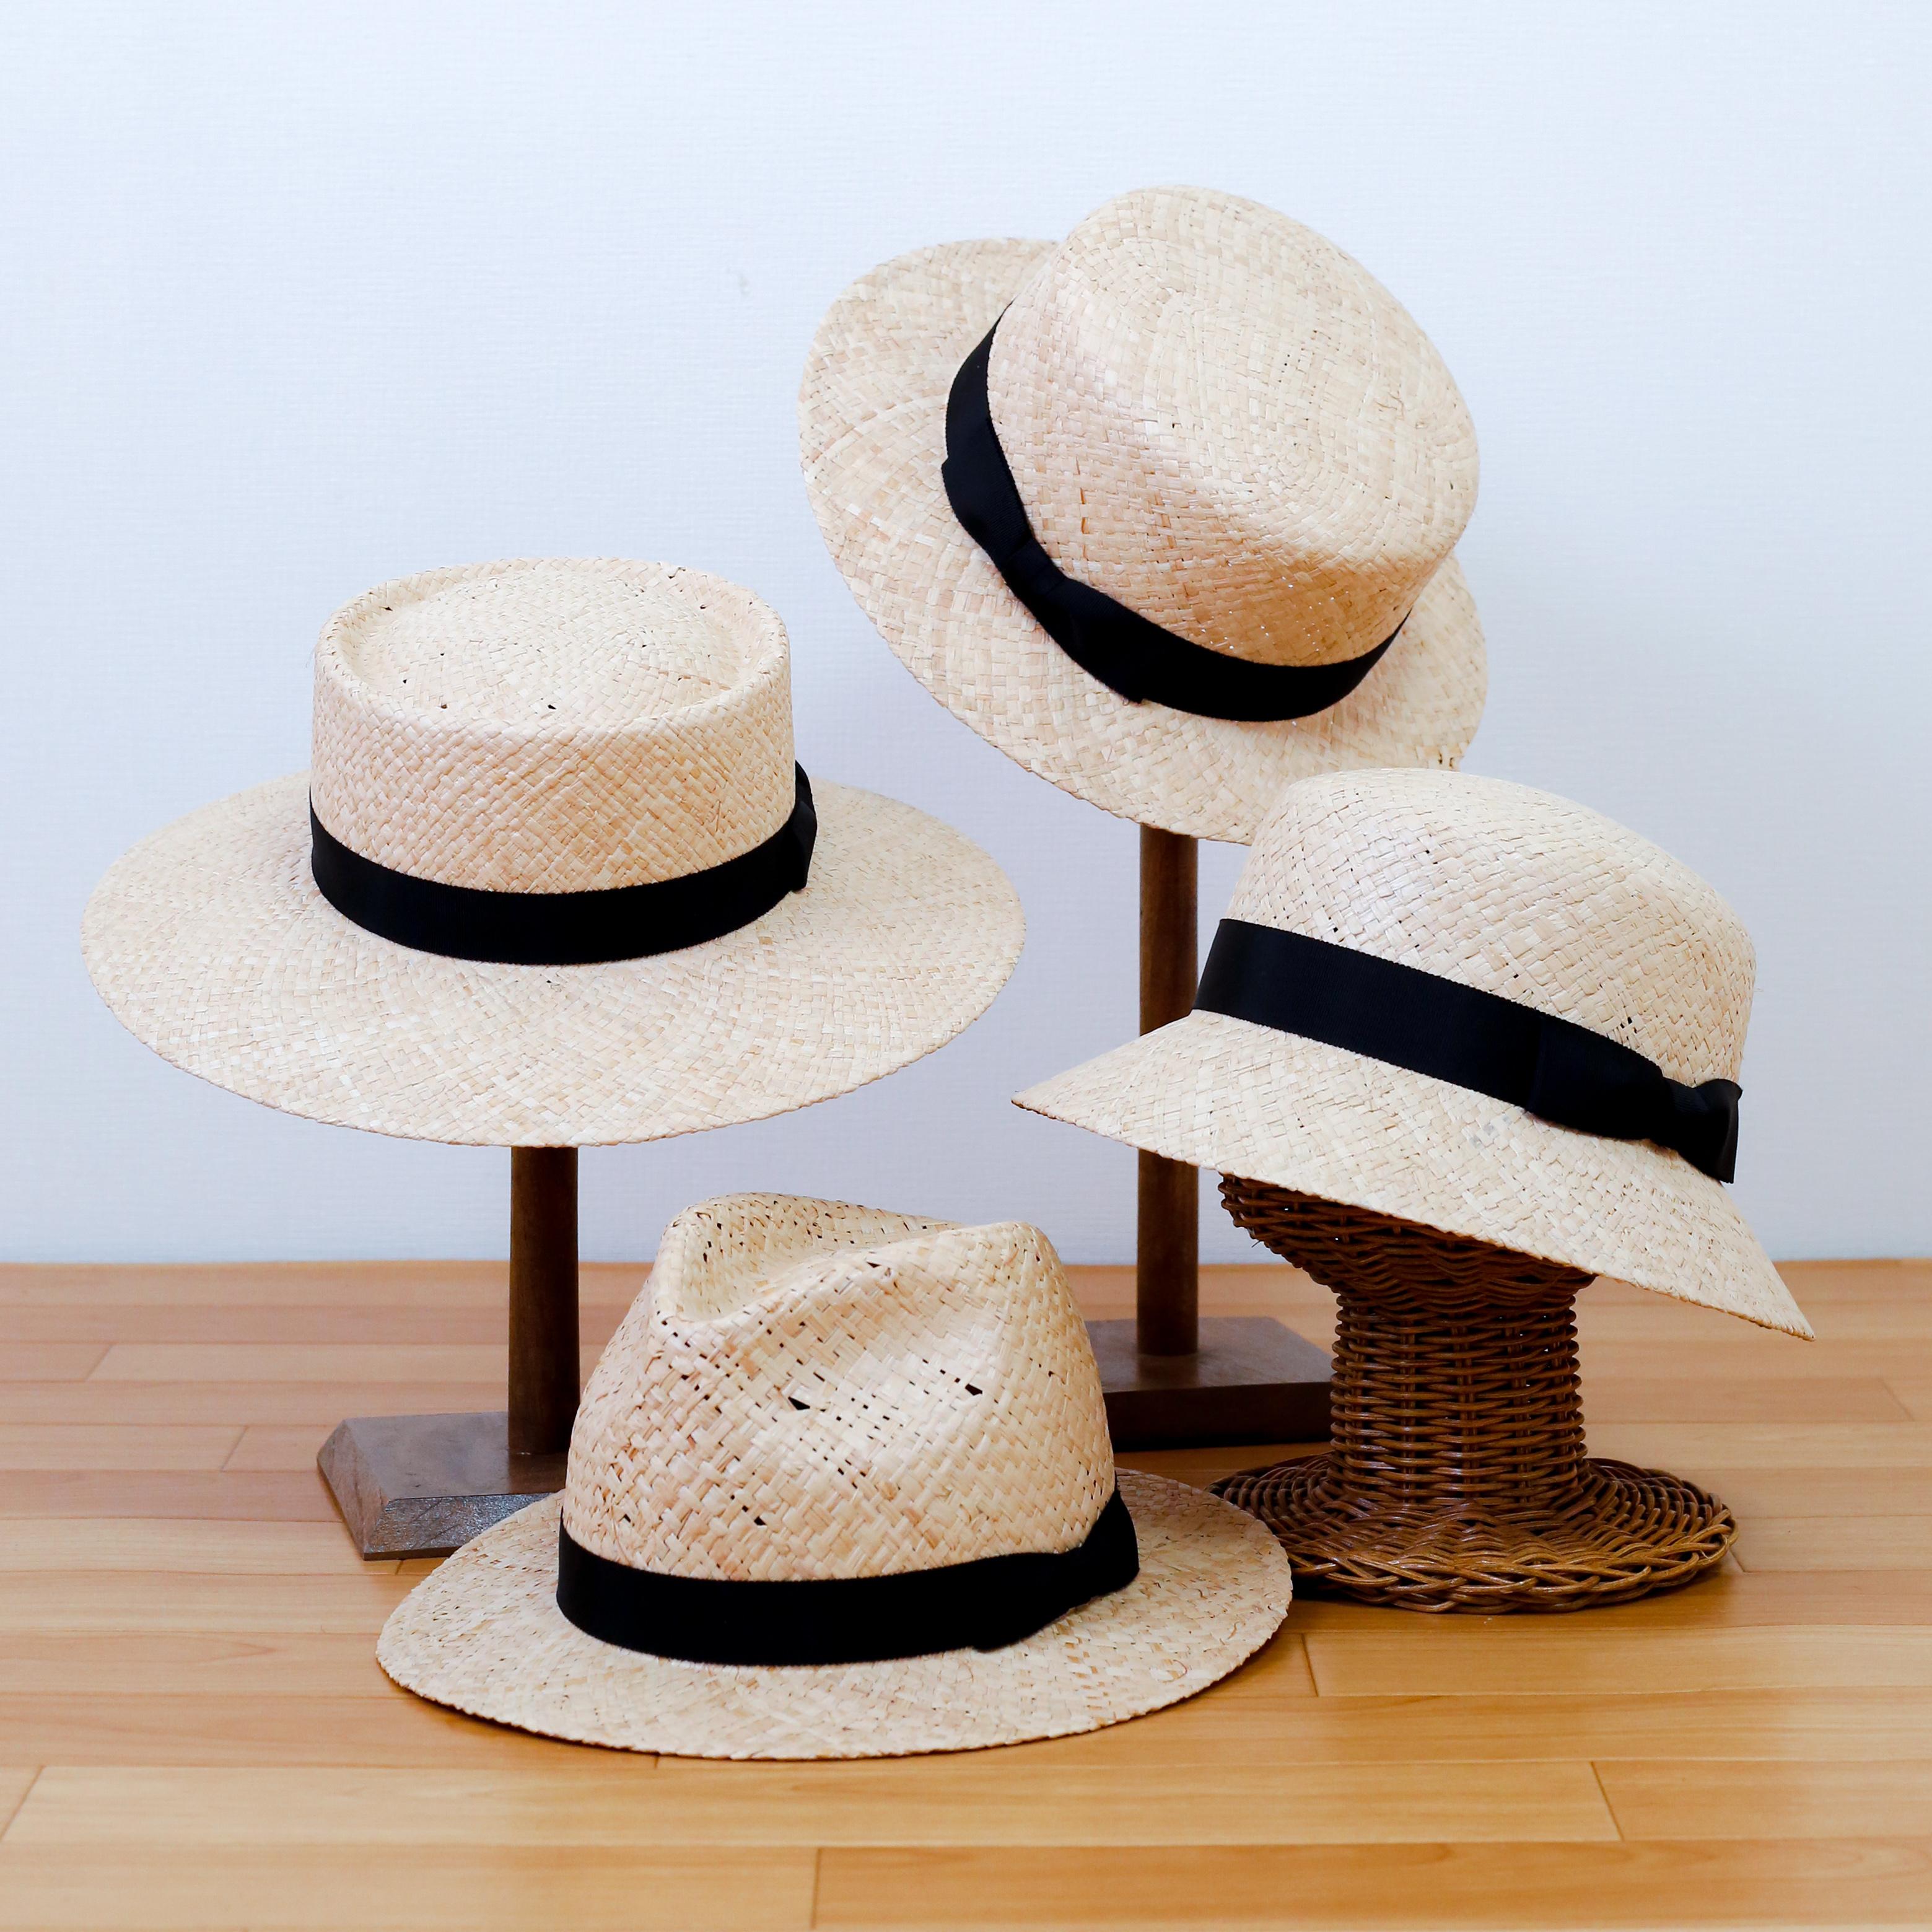 育てる帽子 天然ラフィア帽子 日本製(石目編)